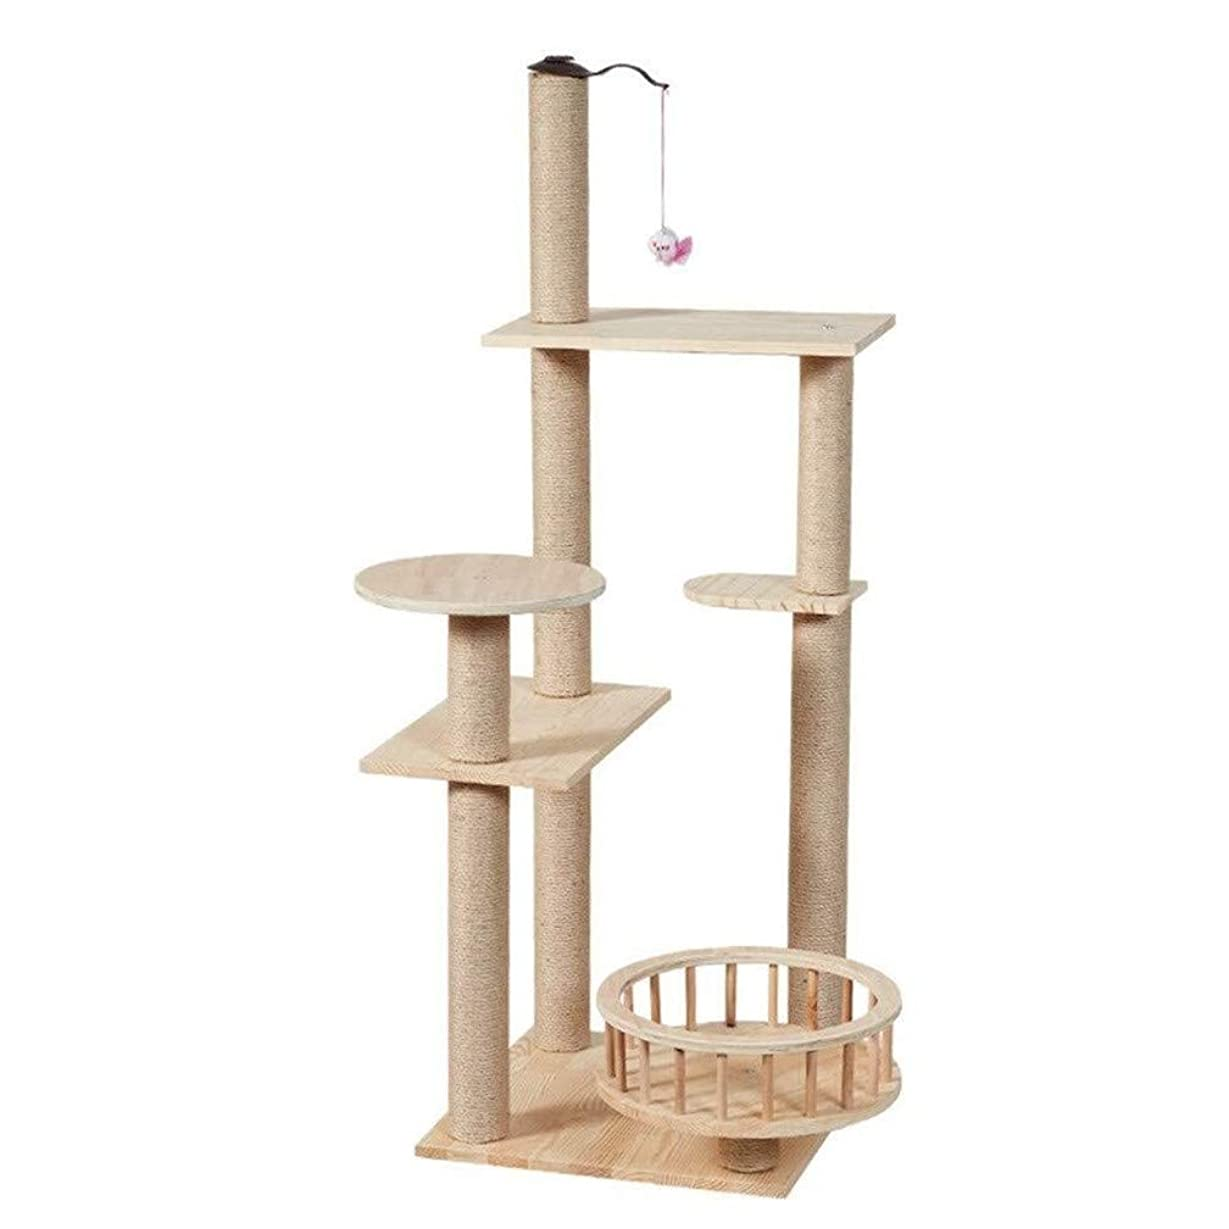 暴徒値下げ保持する猫ツリータワーソリッドウッドアパートサイザル直立マルチレイヤデザインの安定した耐久性のある無臭の高級猫クライミングフレーム